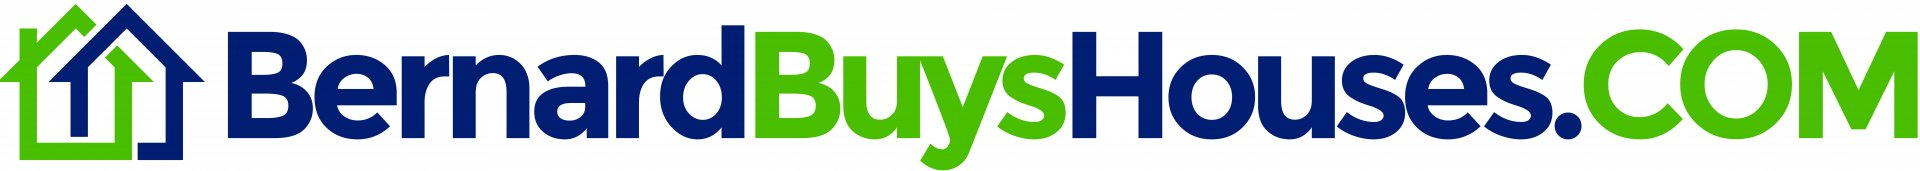 BernardBuysHouses.com logo